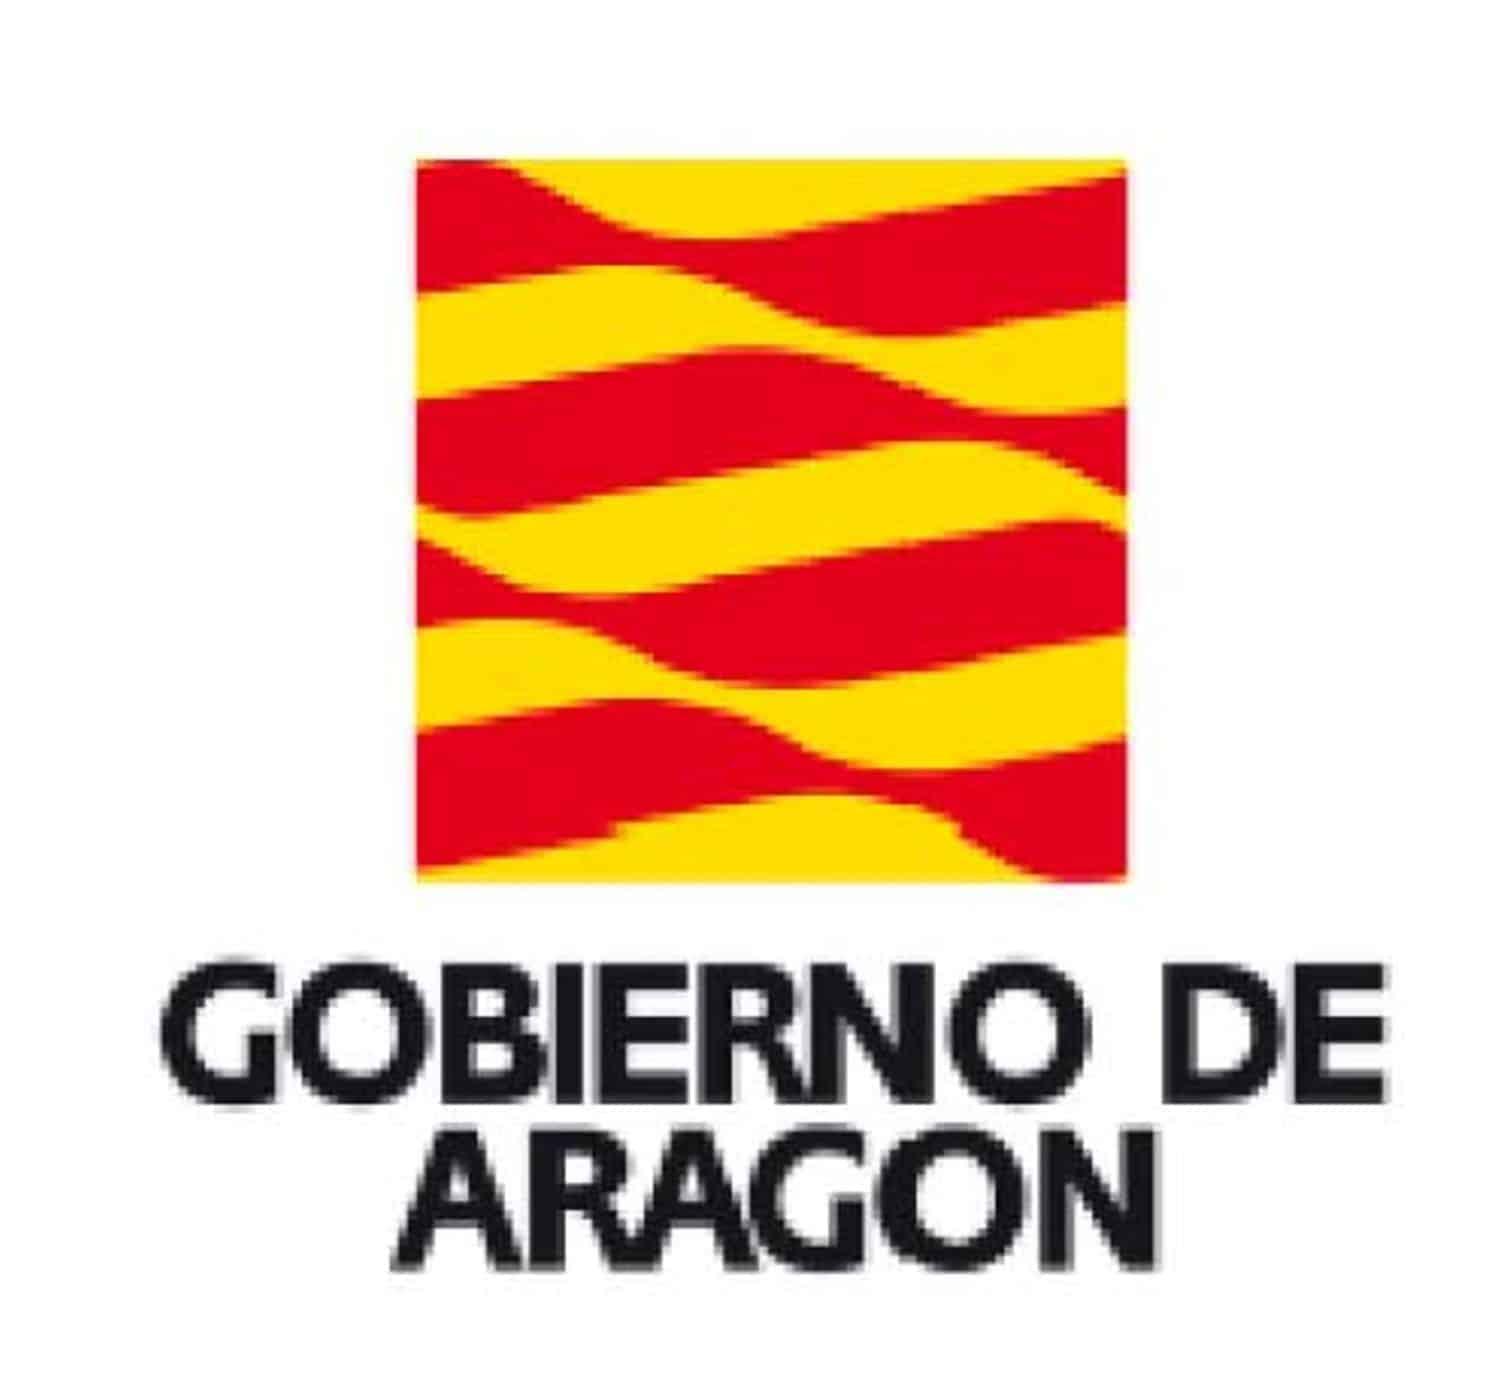 copia_de_3_logos_ga_dep_20121_copiar.jpg